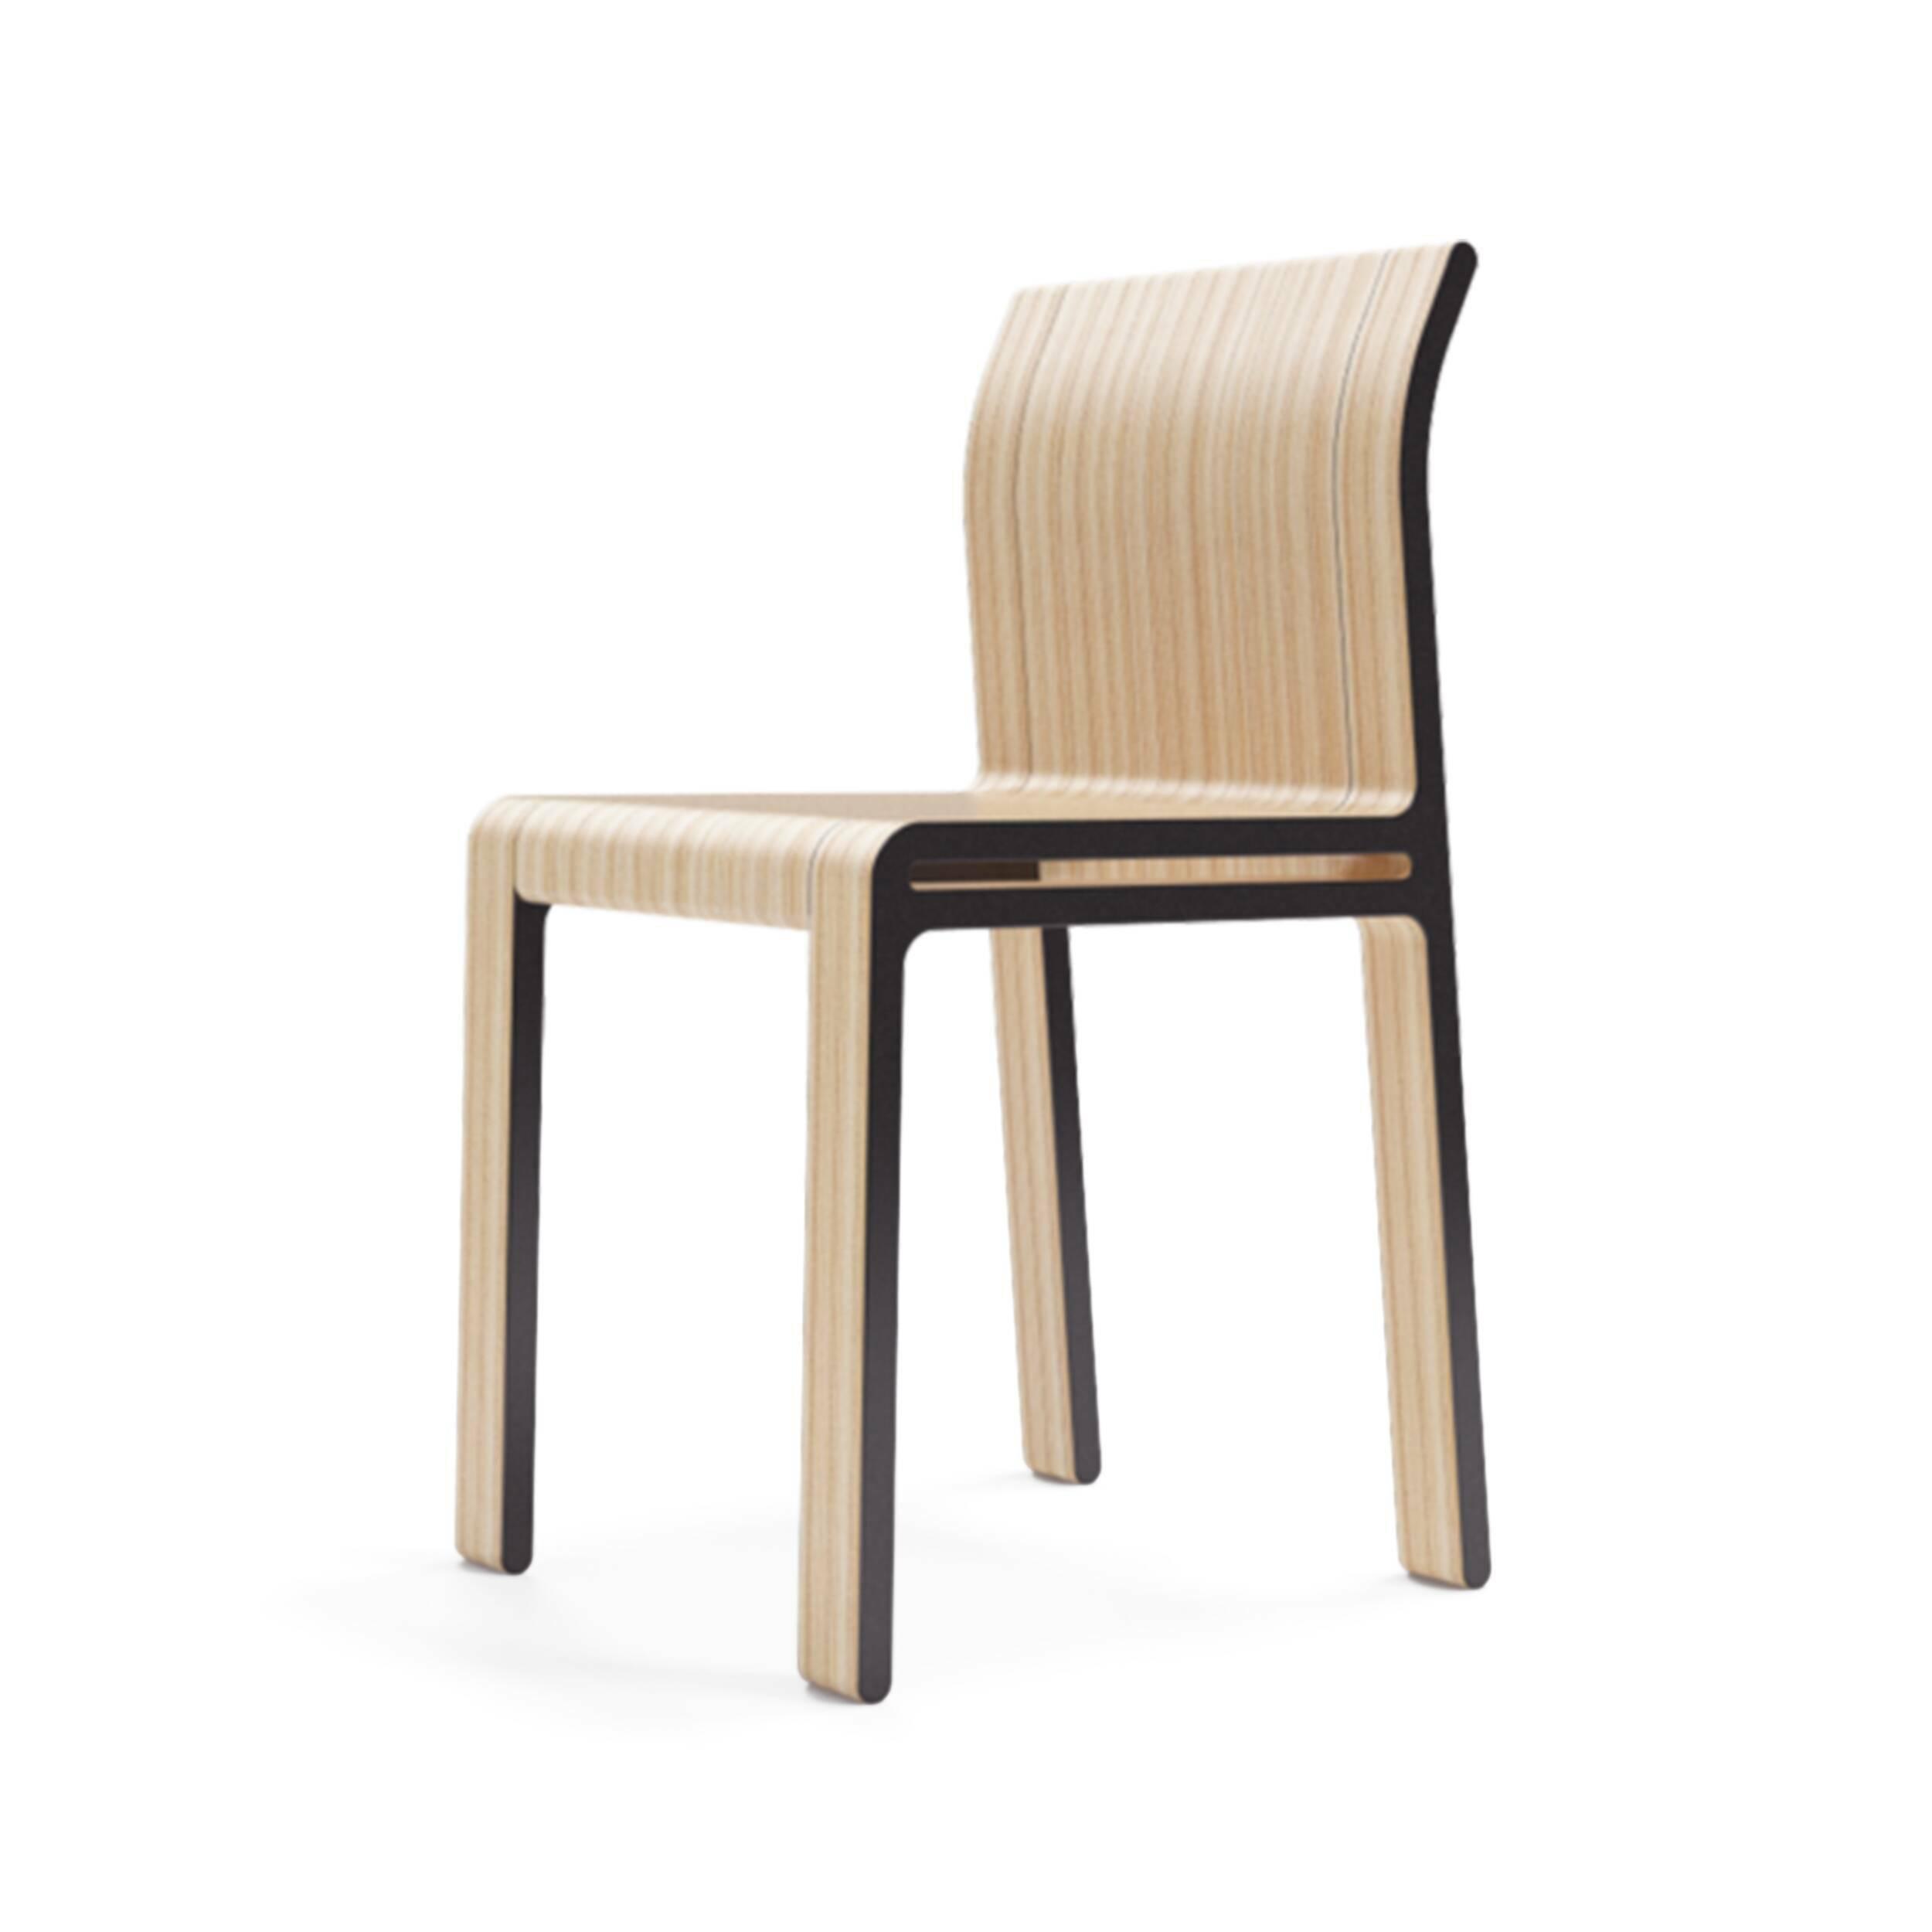 Стул MonsterasИнтерьерные<br>Дизайнерский деревянный легкий стул Monsteras (Монстерас) без подлокотников в полоску от Unika Moblar от Unika Moblar (Уника Моблар).<br>Помимо классических образцов скандинавского дизайна, простота и оригинальность стула Monsteras напоминает работы британского дизайнера Джаспера Моррисона 80-х годов прошлого века. Моррисон использует простые материалы, создавая плавный, непринужденный изгиб линий, который не только приятен глазу, но и обусловлен функциональностью предмета. <br> <br> Стул Monsteras...<br><br>stock: 1<br>Высота: 82<br>Ширина: 40<br>Глубина: 46<br>Материал каркаса: Фанера, шпон дуба<br>Тип материала каркаса: Дерево<br>Цвет каркаса: Графит